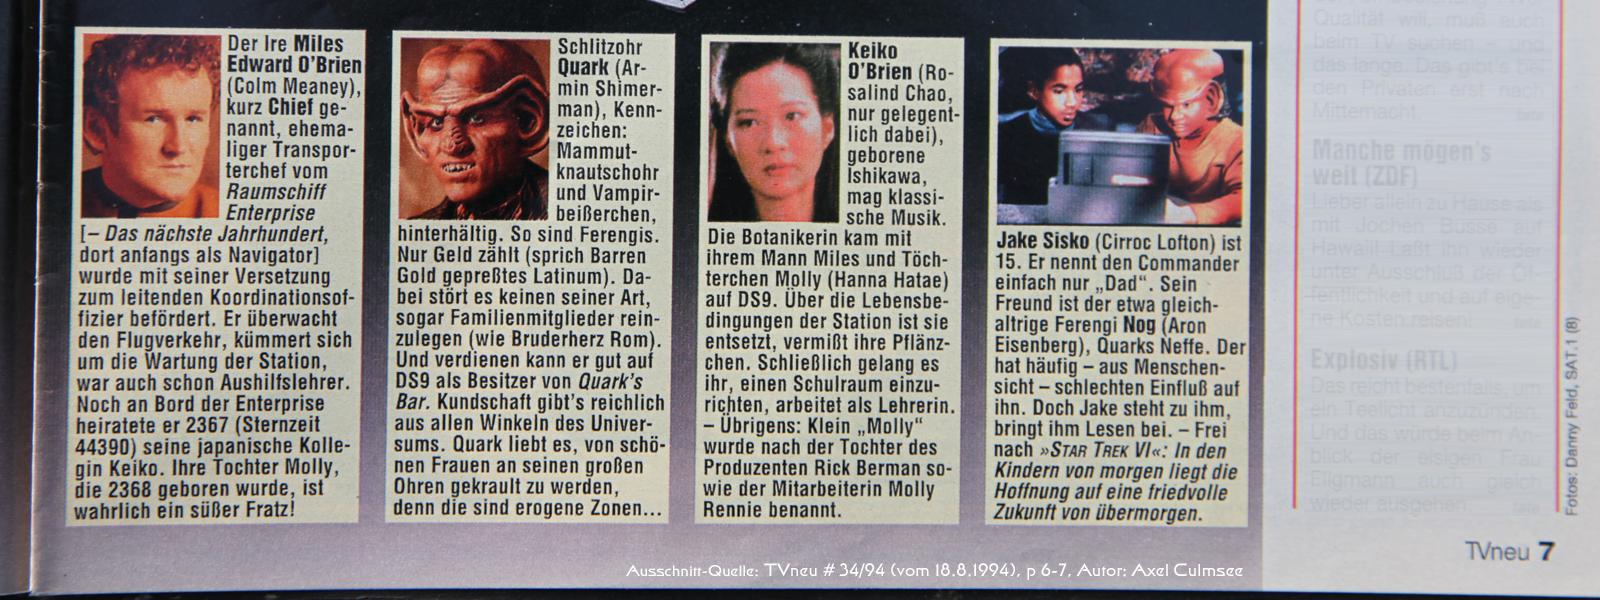 DS9-Artikel in TVneu 34-1994 Ausschnitt Crew 2